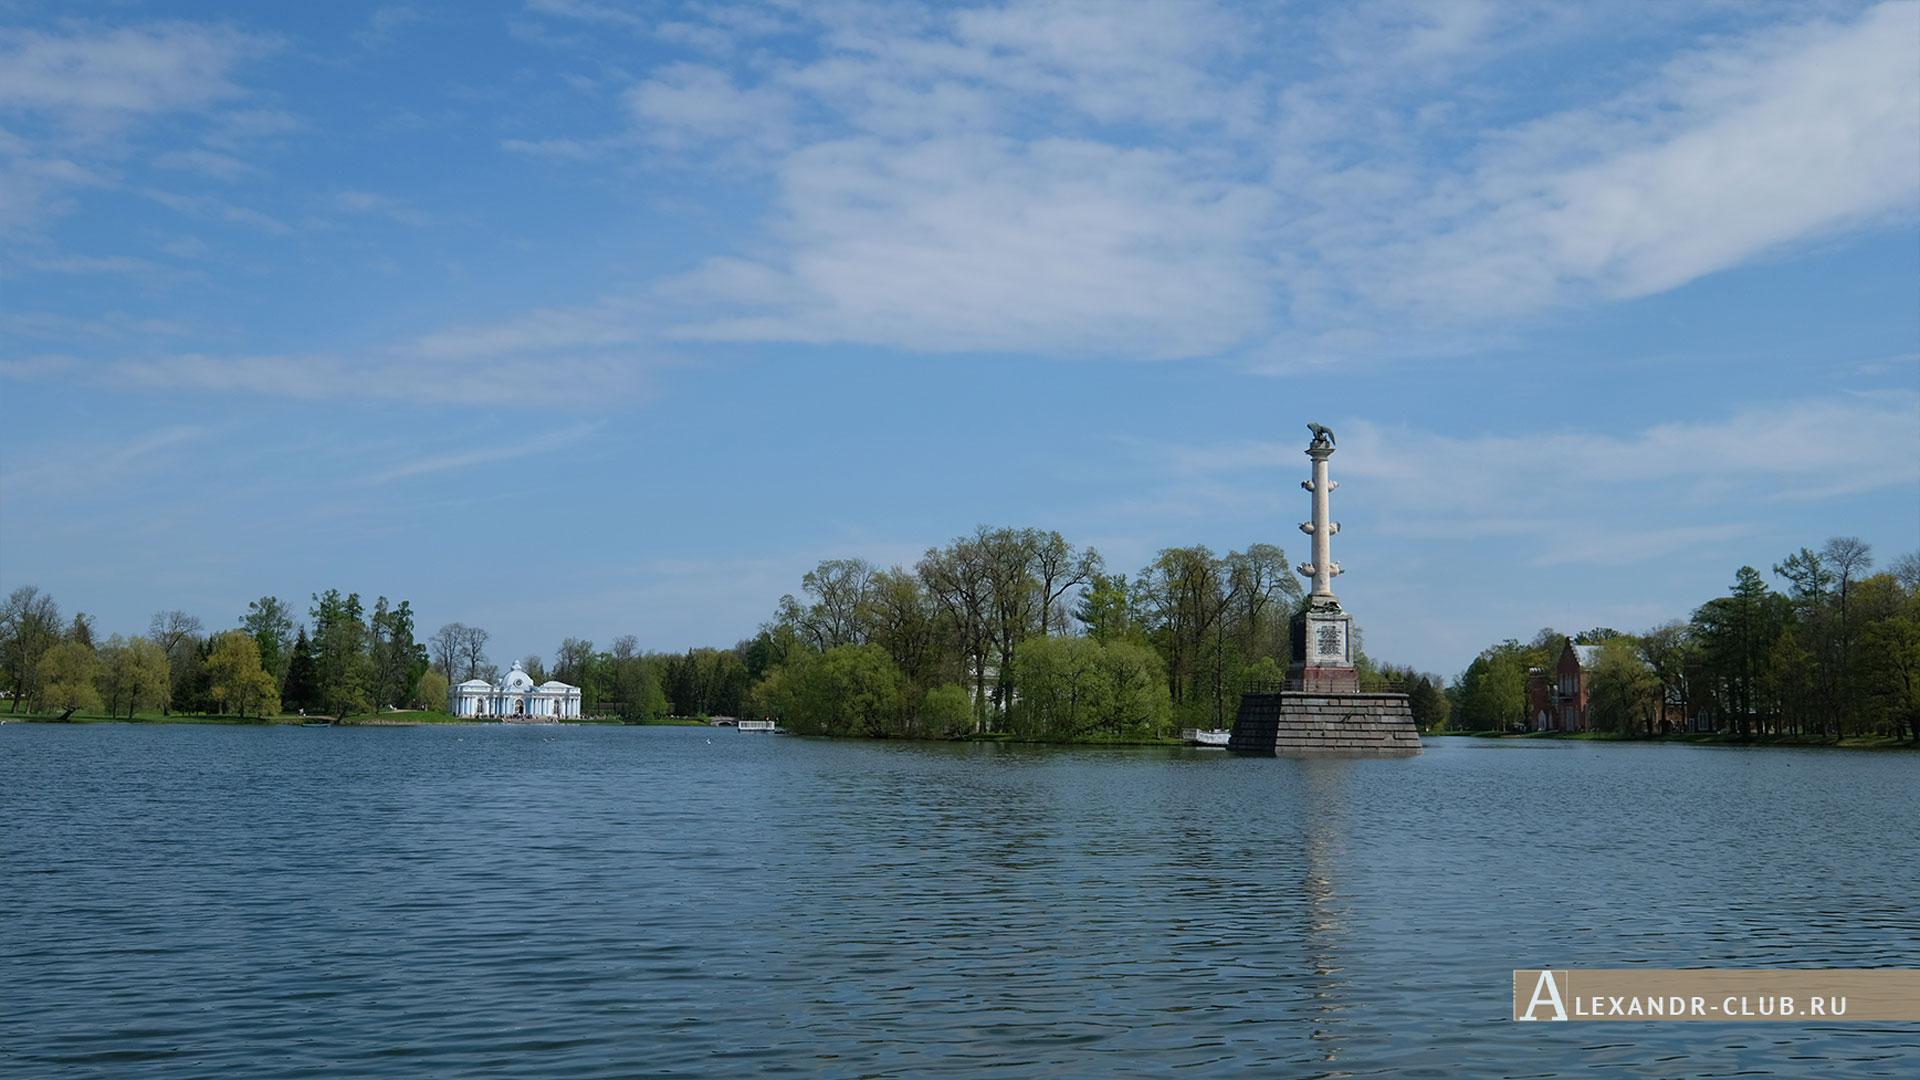 Царское Село, весна, Екатерининский парк, Чесменская колонна, Грот